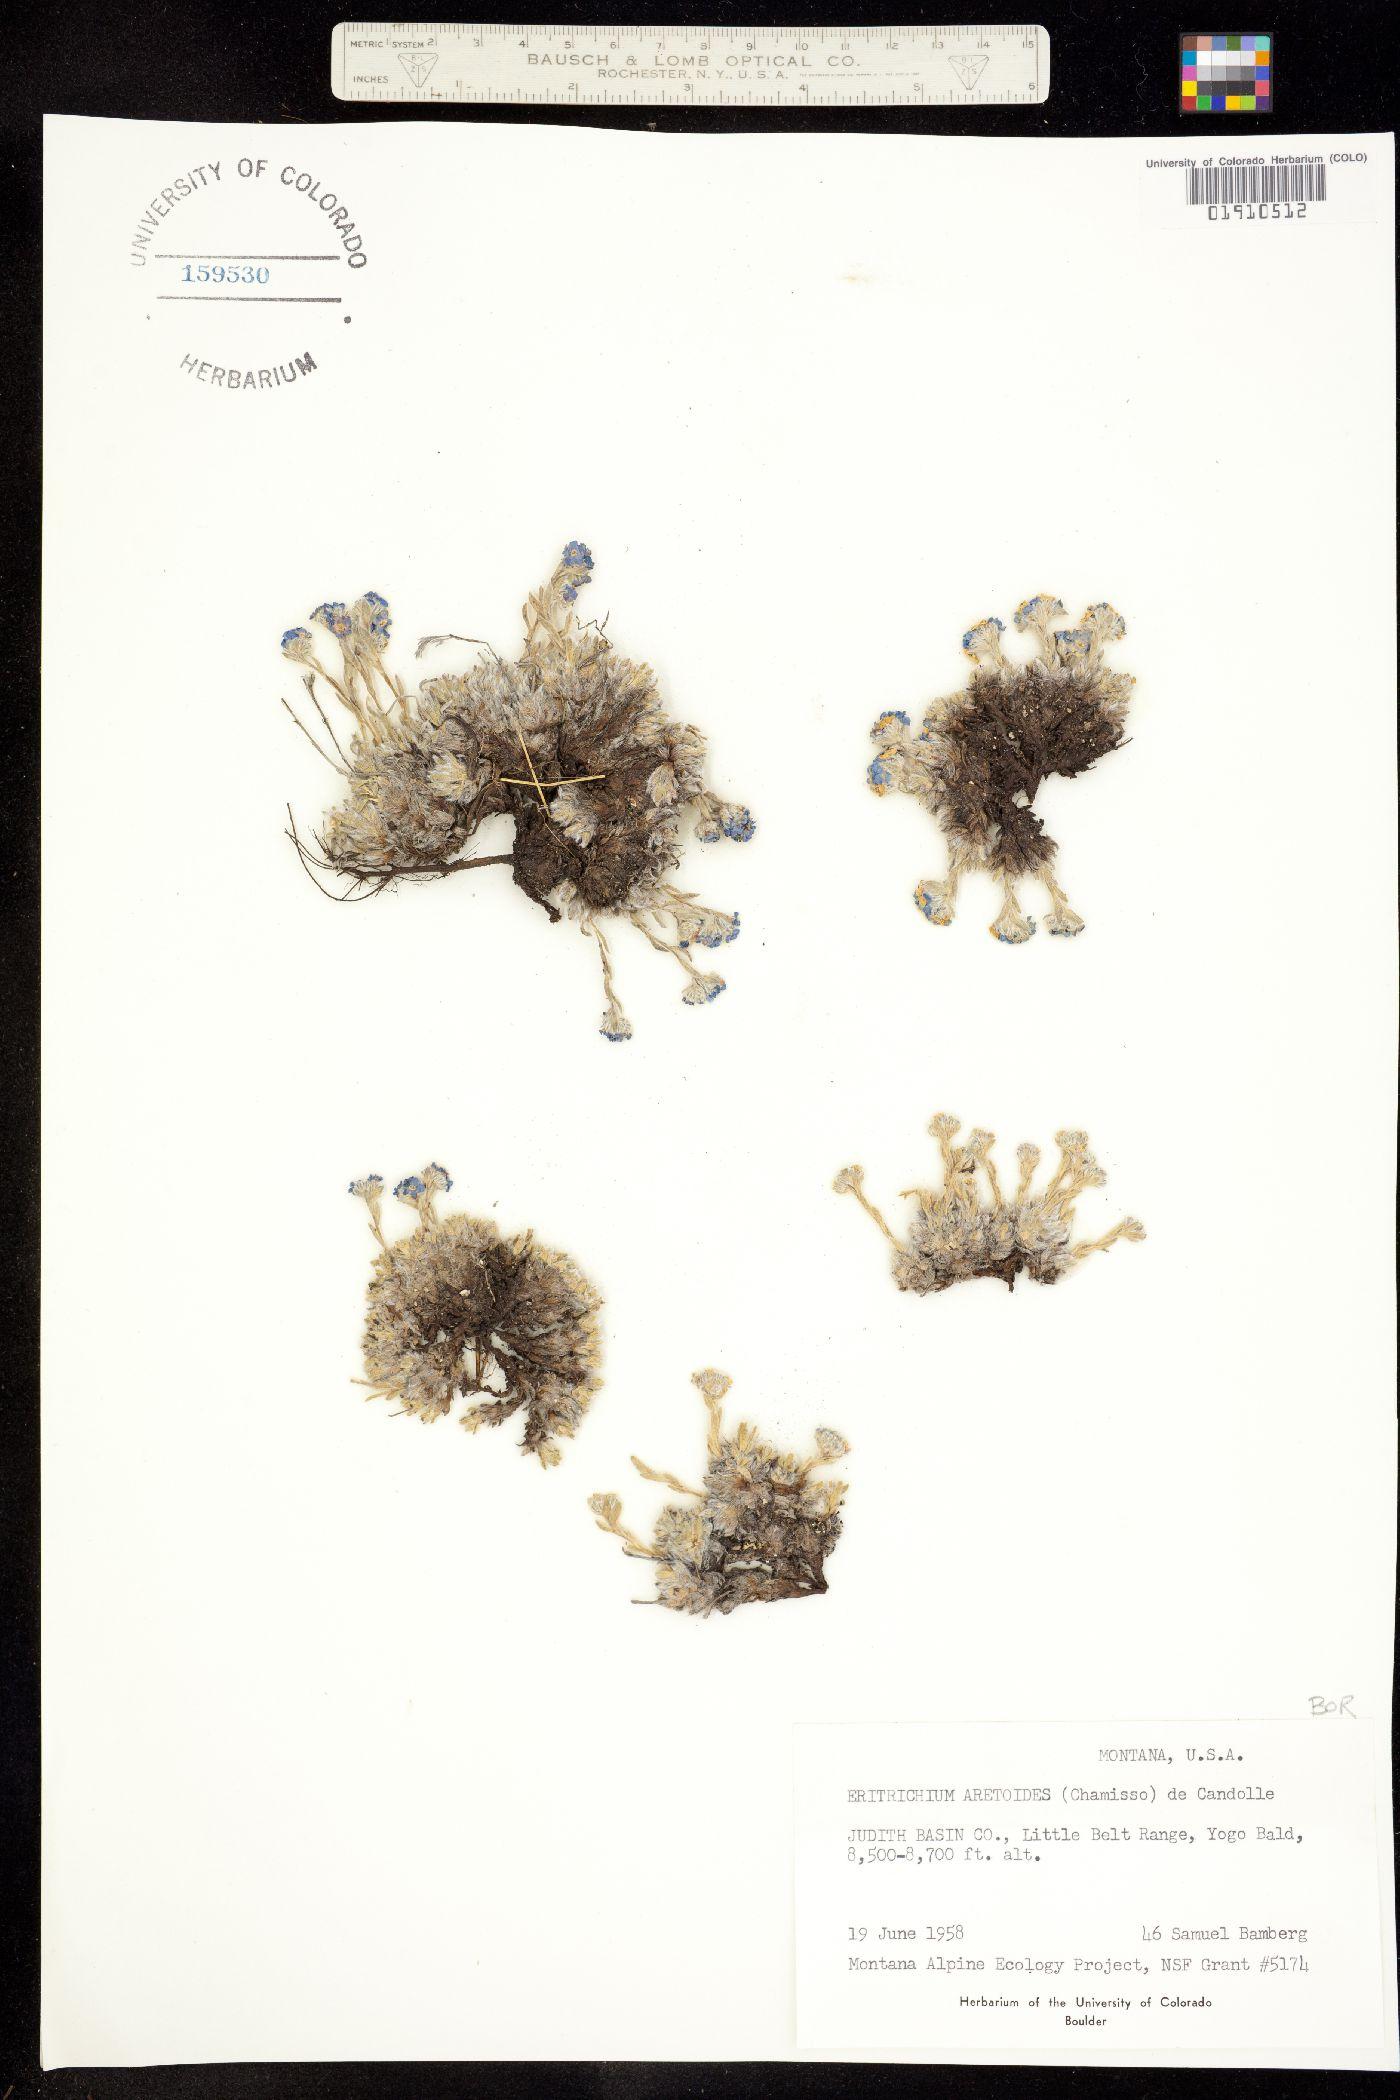 Eritrichium image